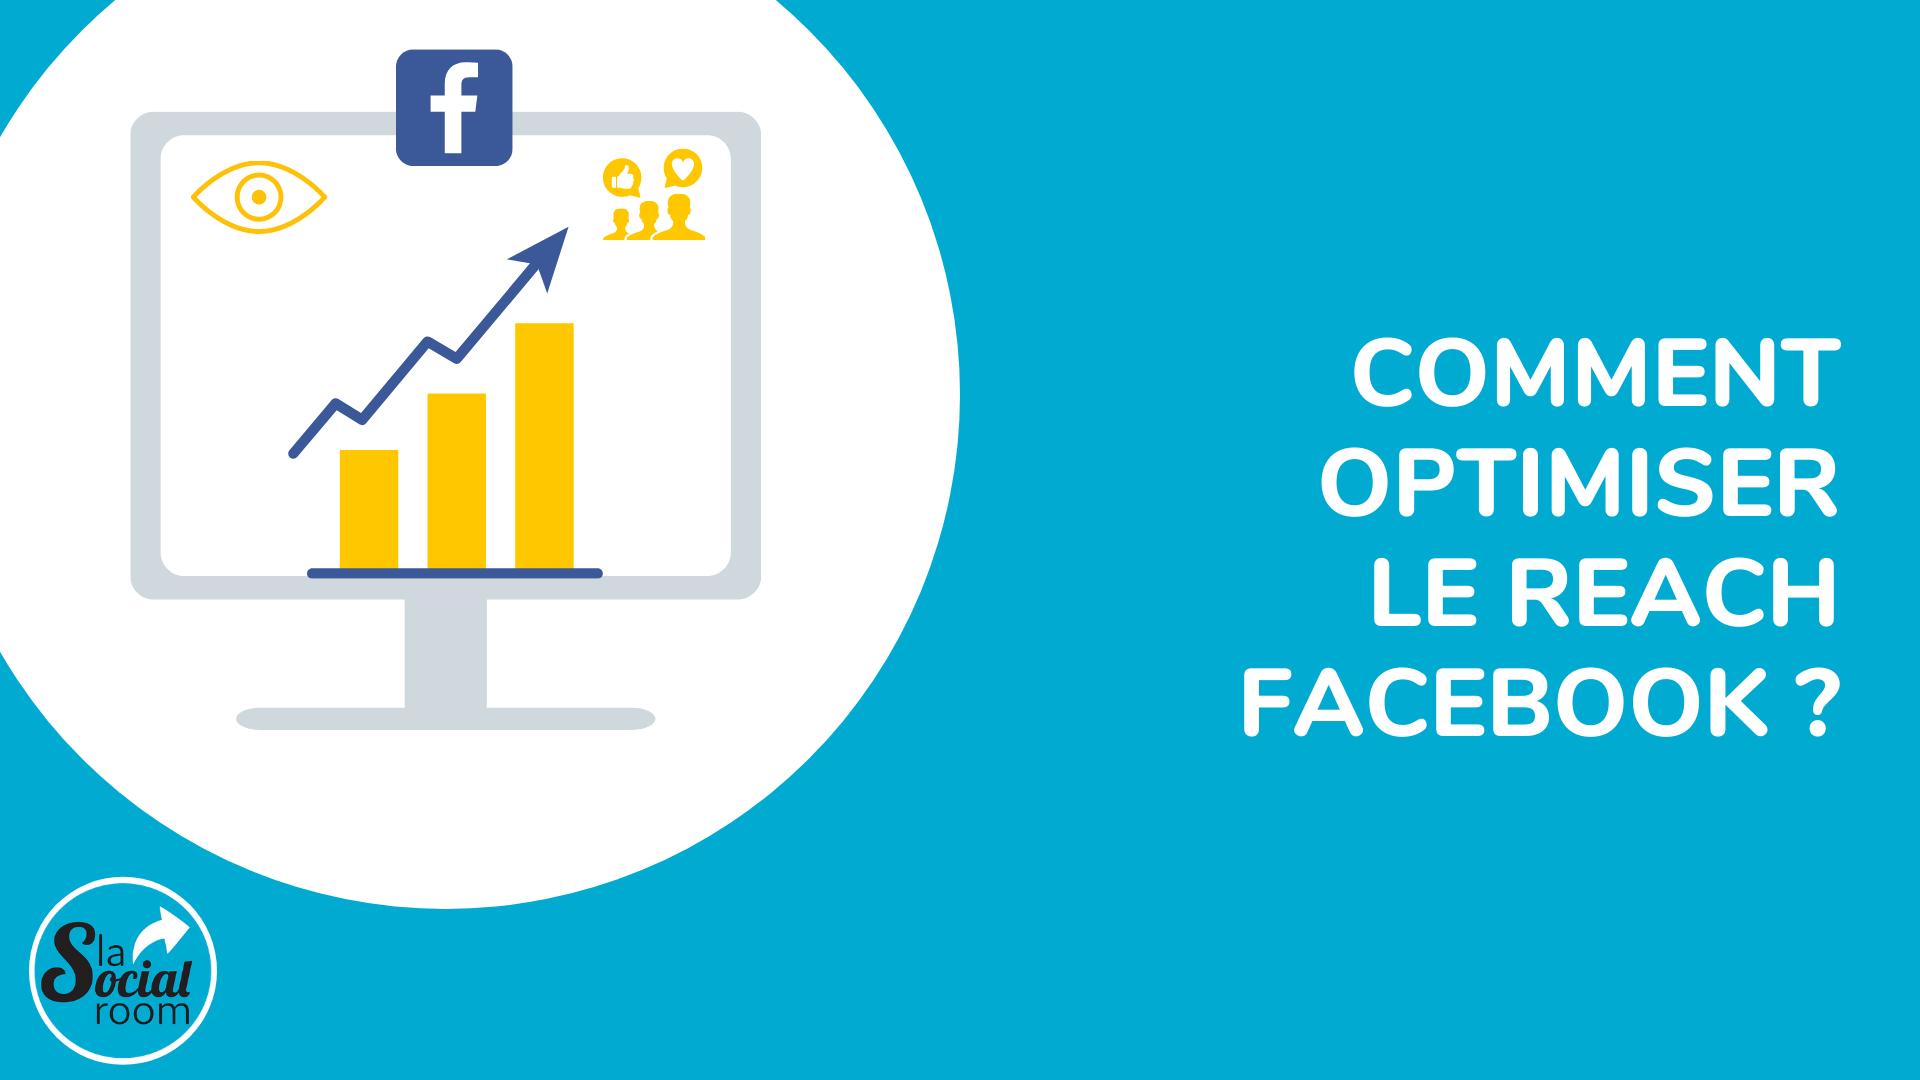 Comment optimiser le reach Facebook ?